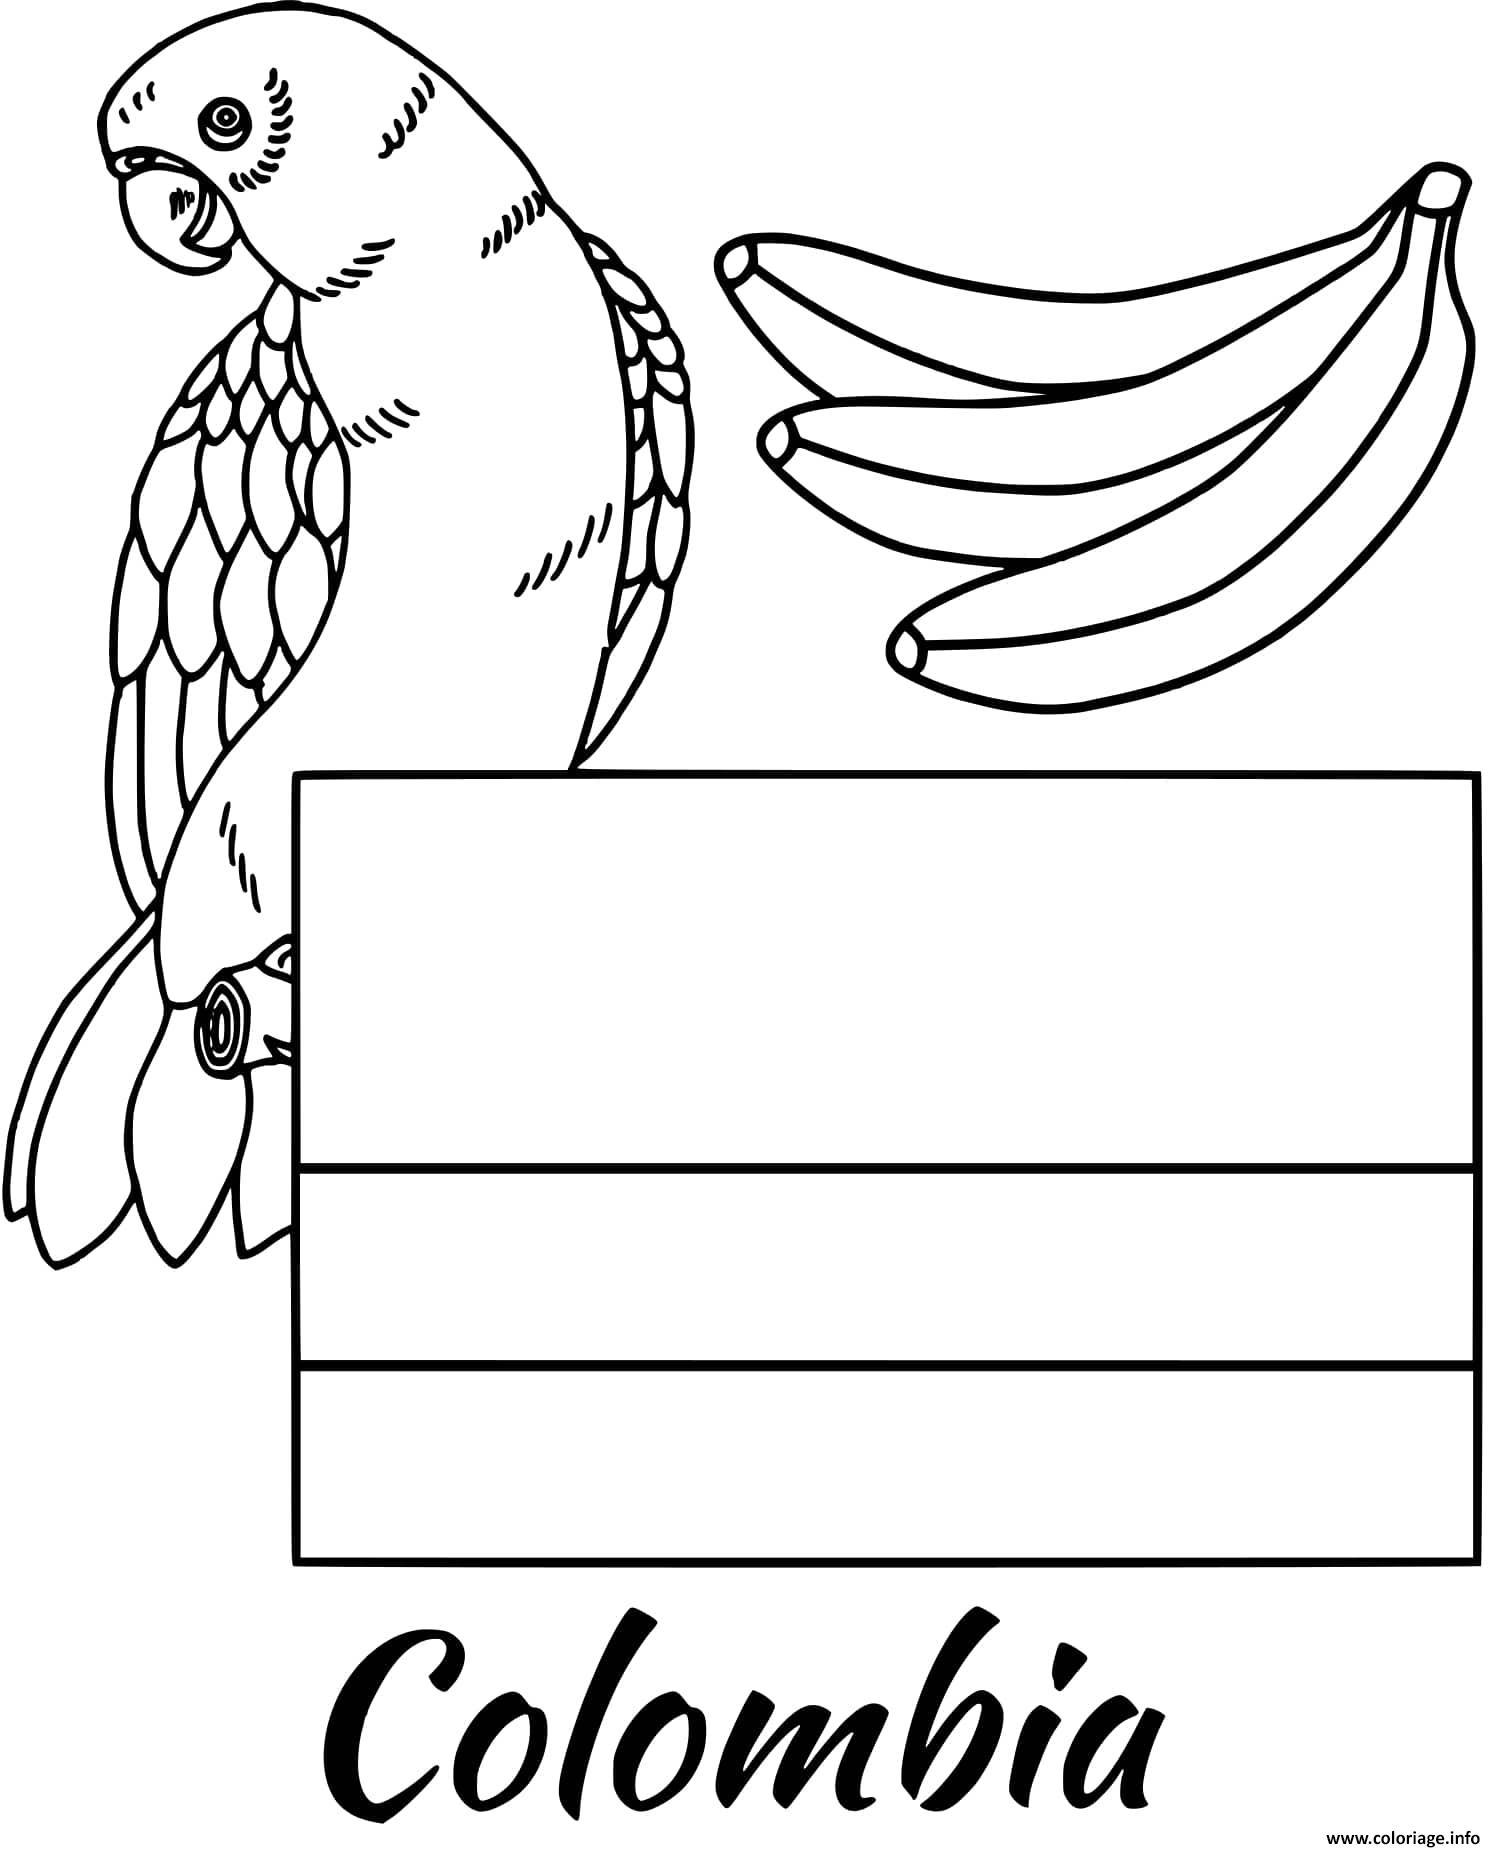 Dessin colombie drapeau parrot Coloriage Gratuit à Imprimer